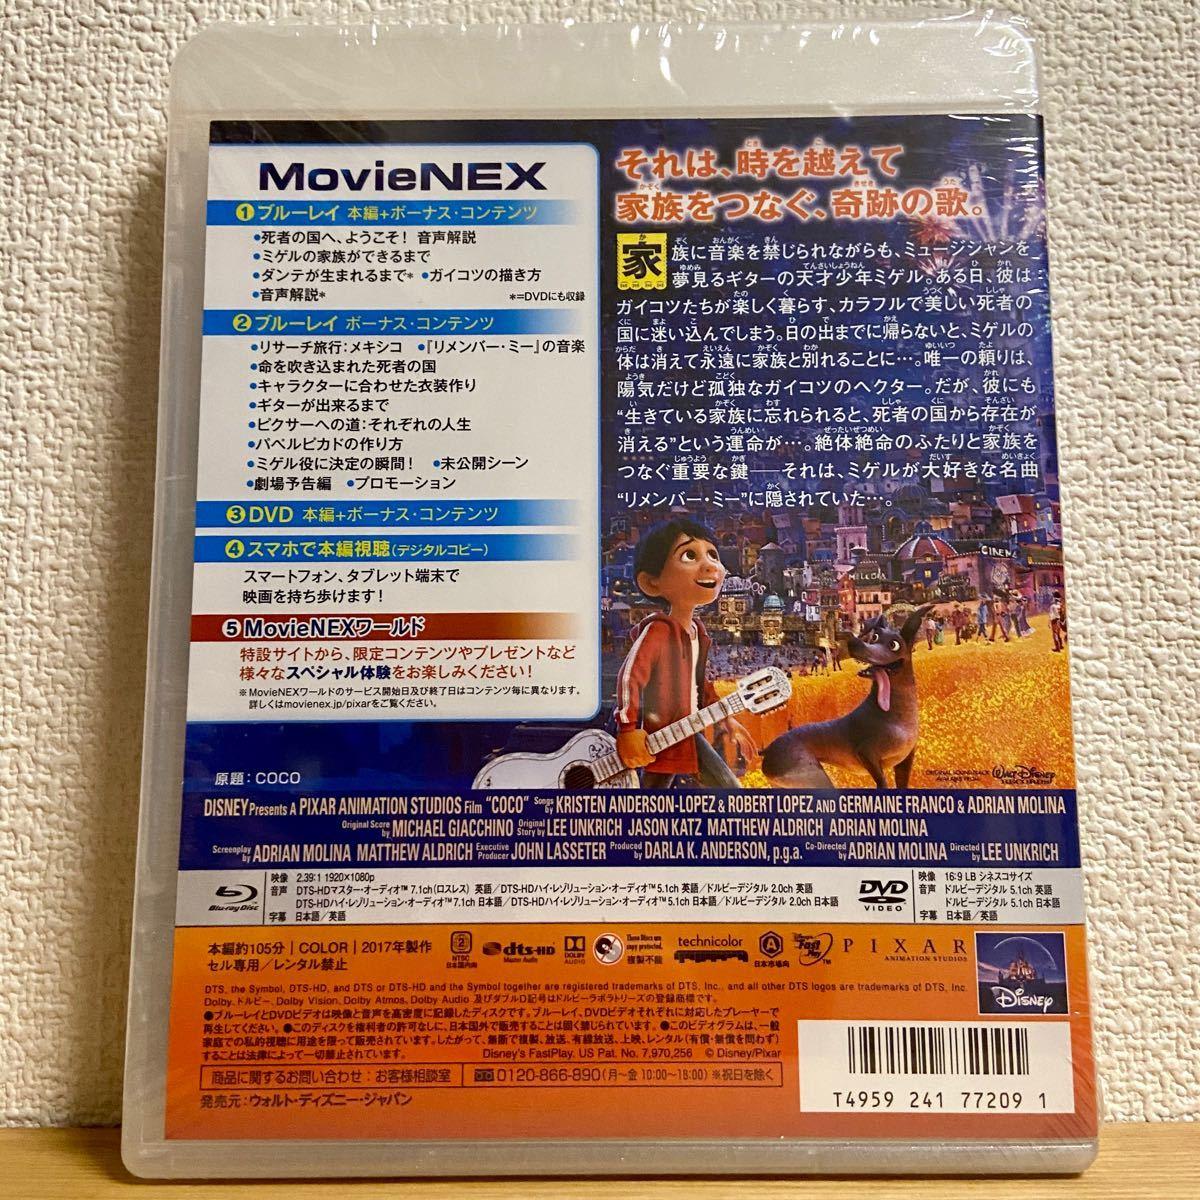 リメンバーミー MovieNEX ブルーレイ+ボーナスディスク+純正ケース